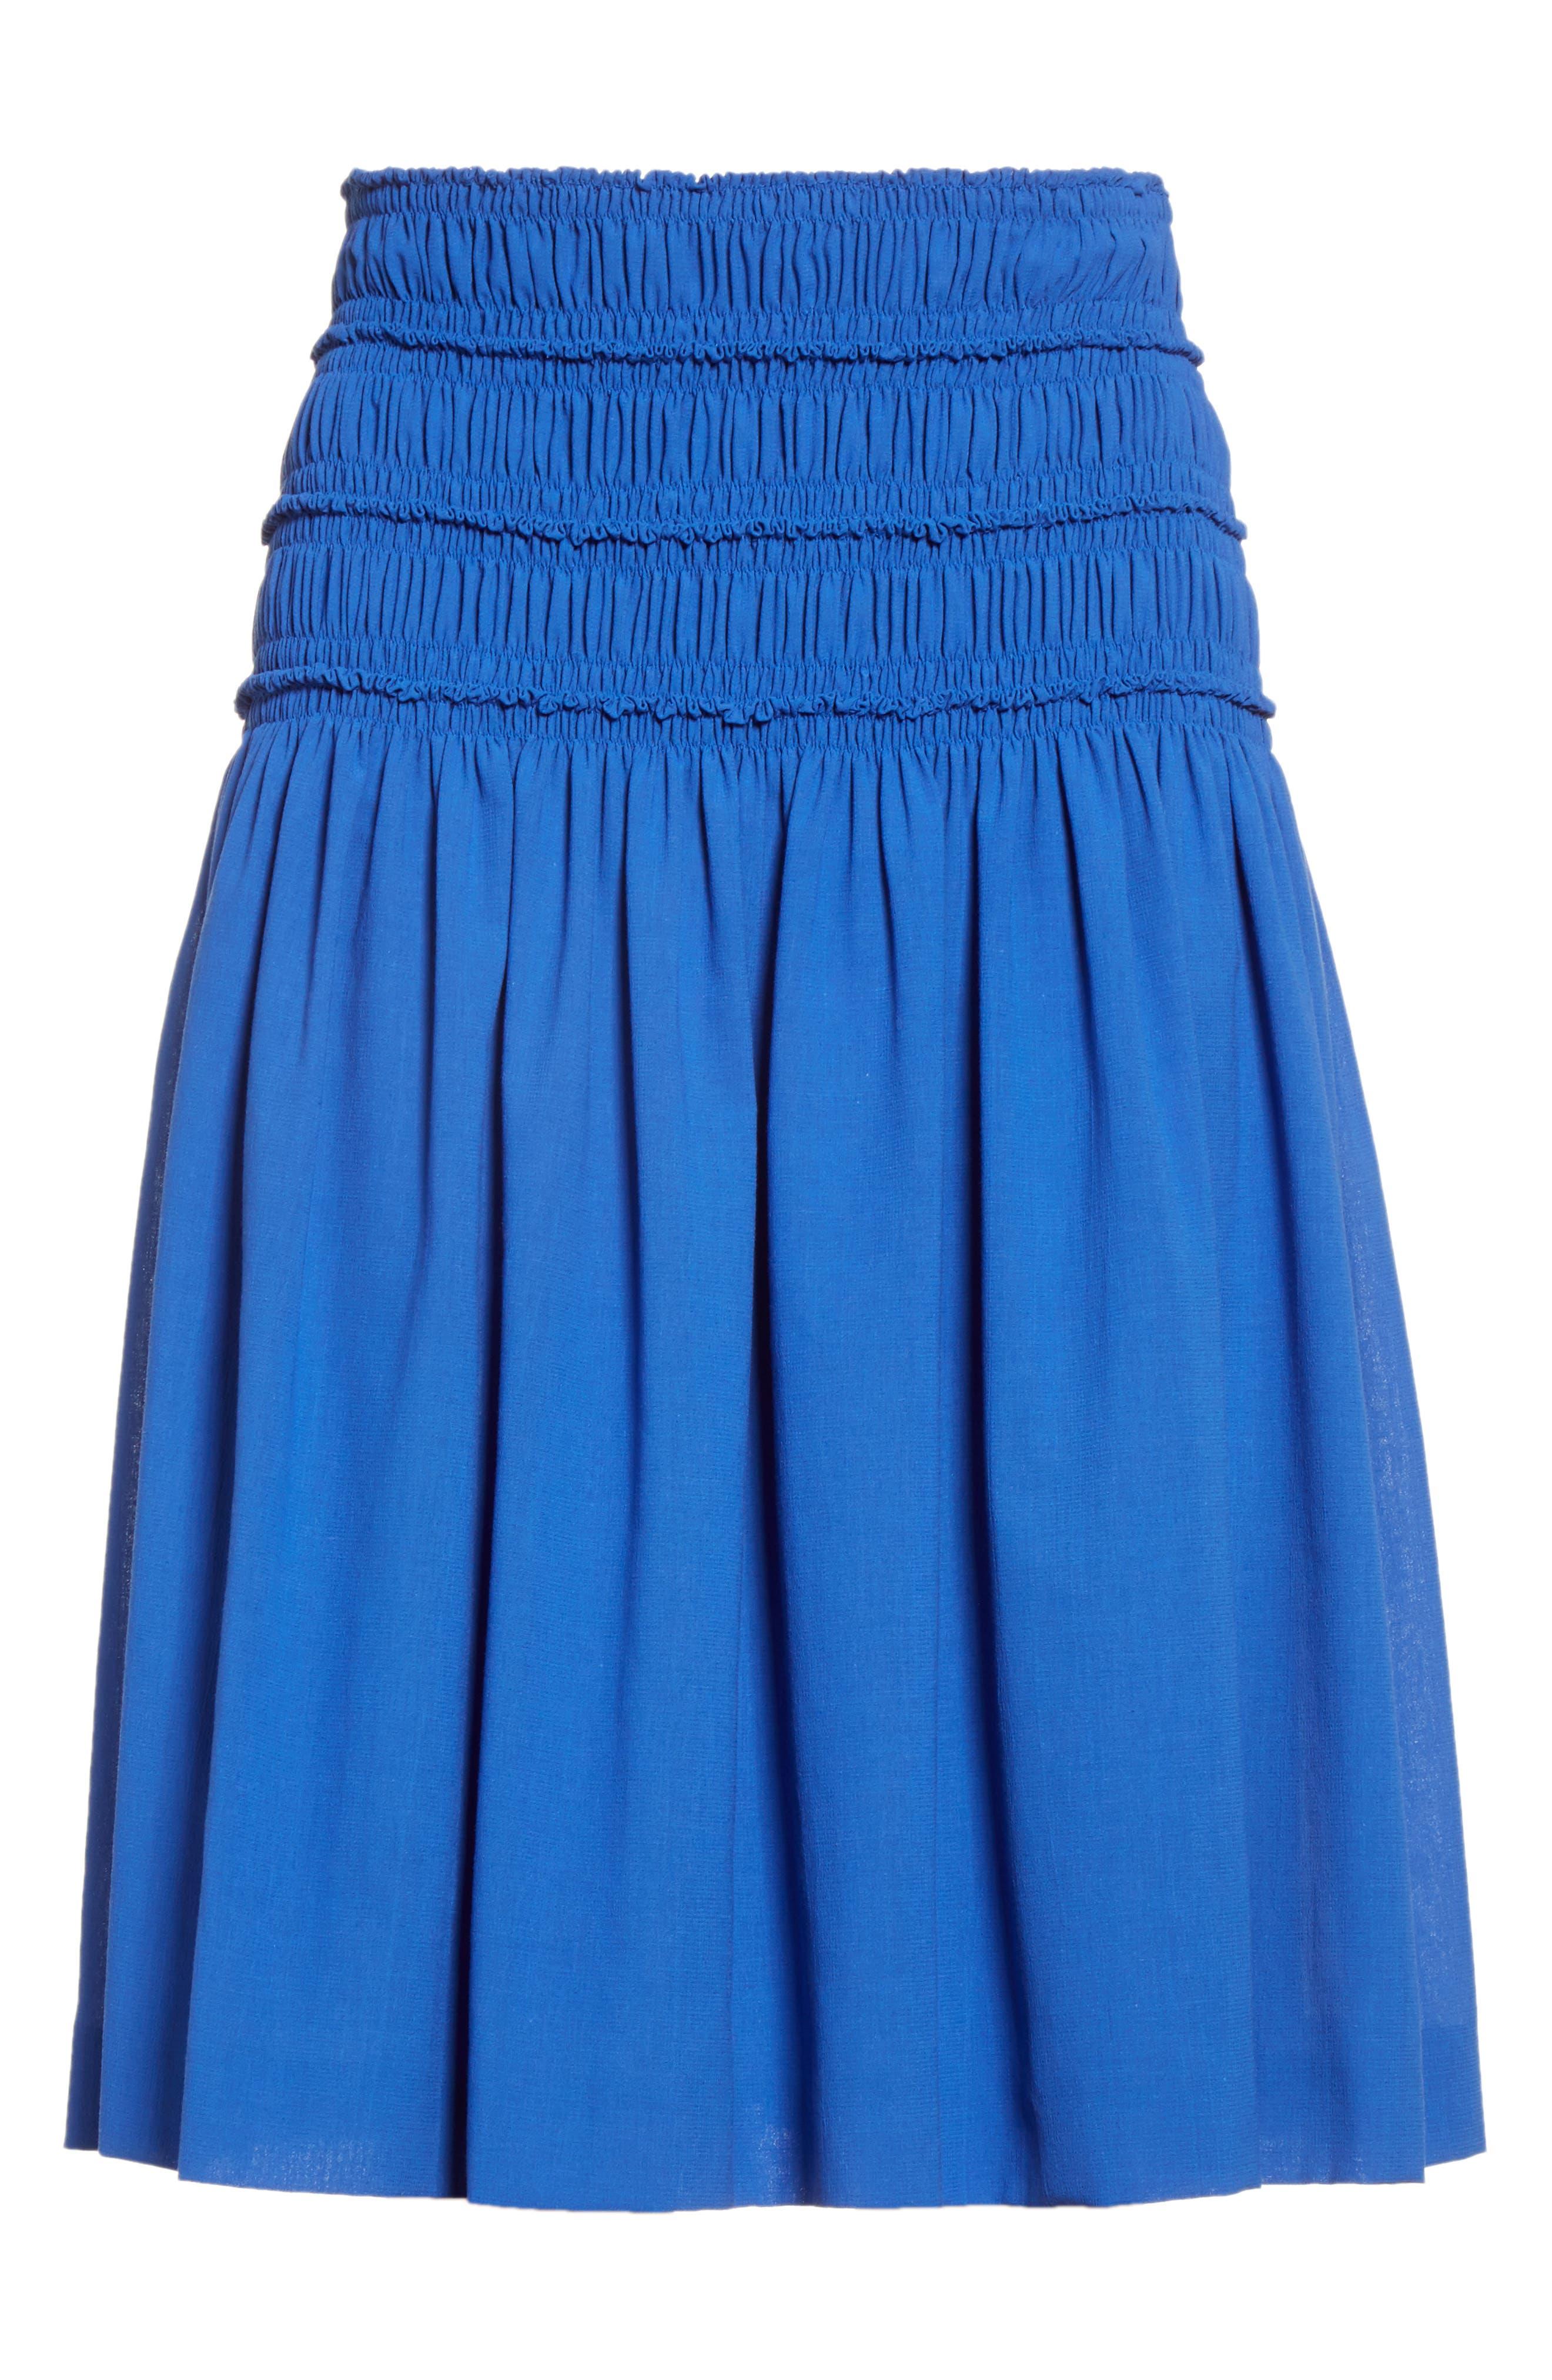 Akris Smocked Ruffle Skirt,                             Alternate thumbnail 4, color,                             Blue